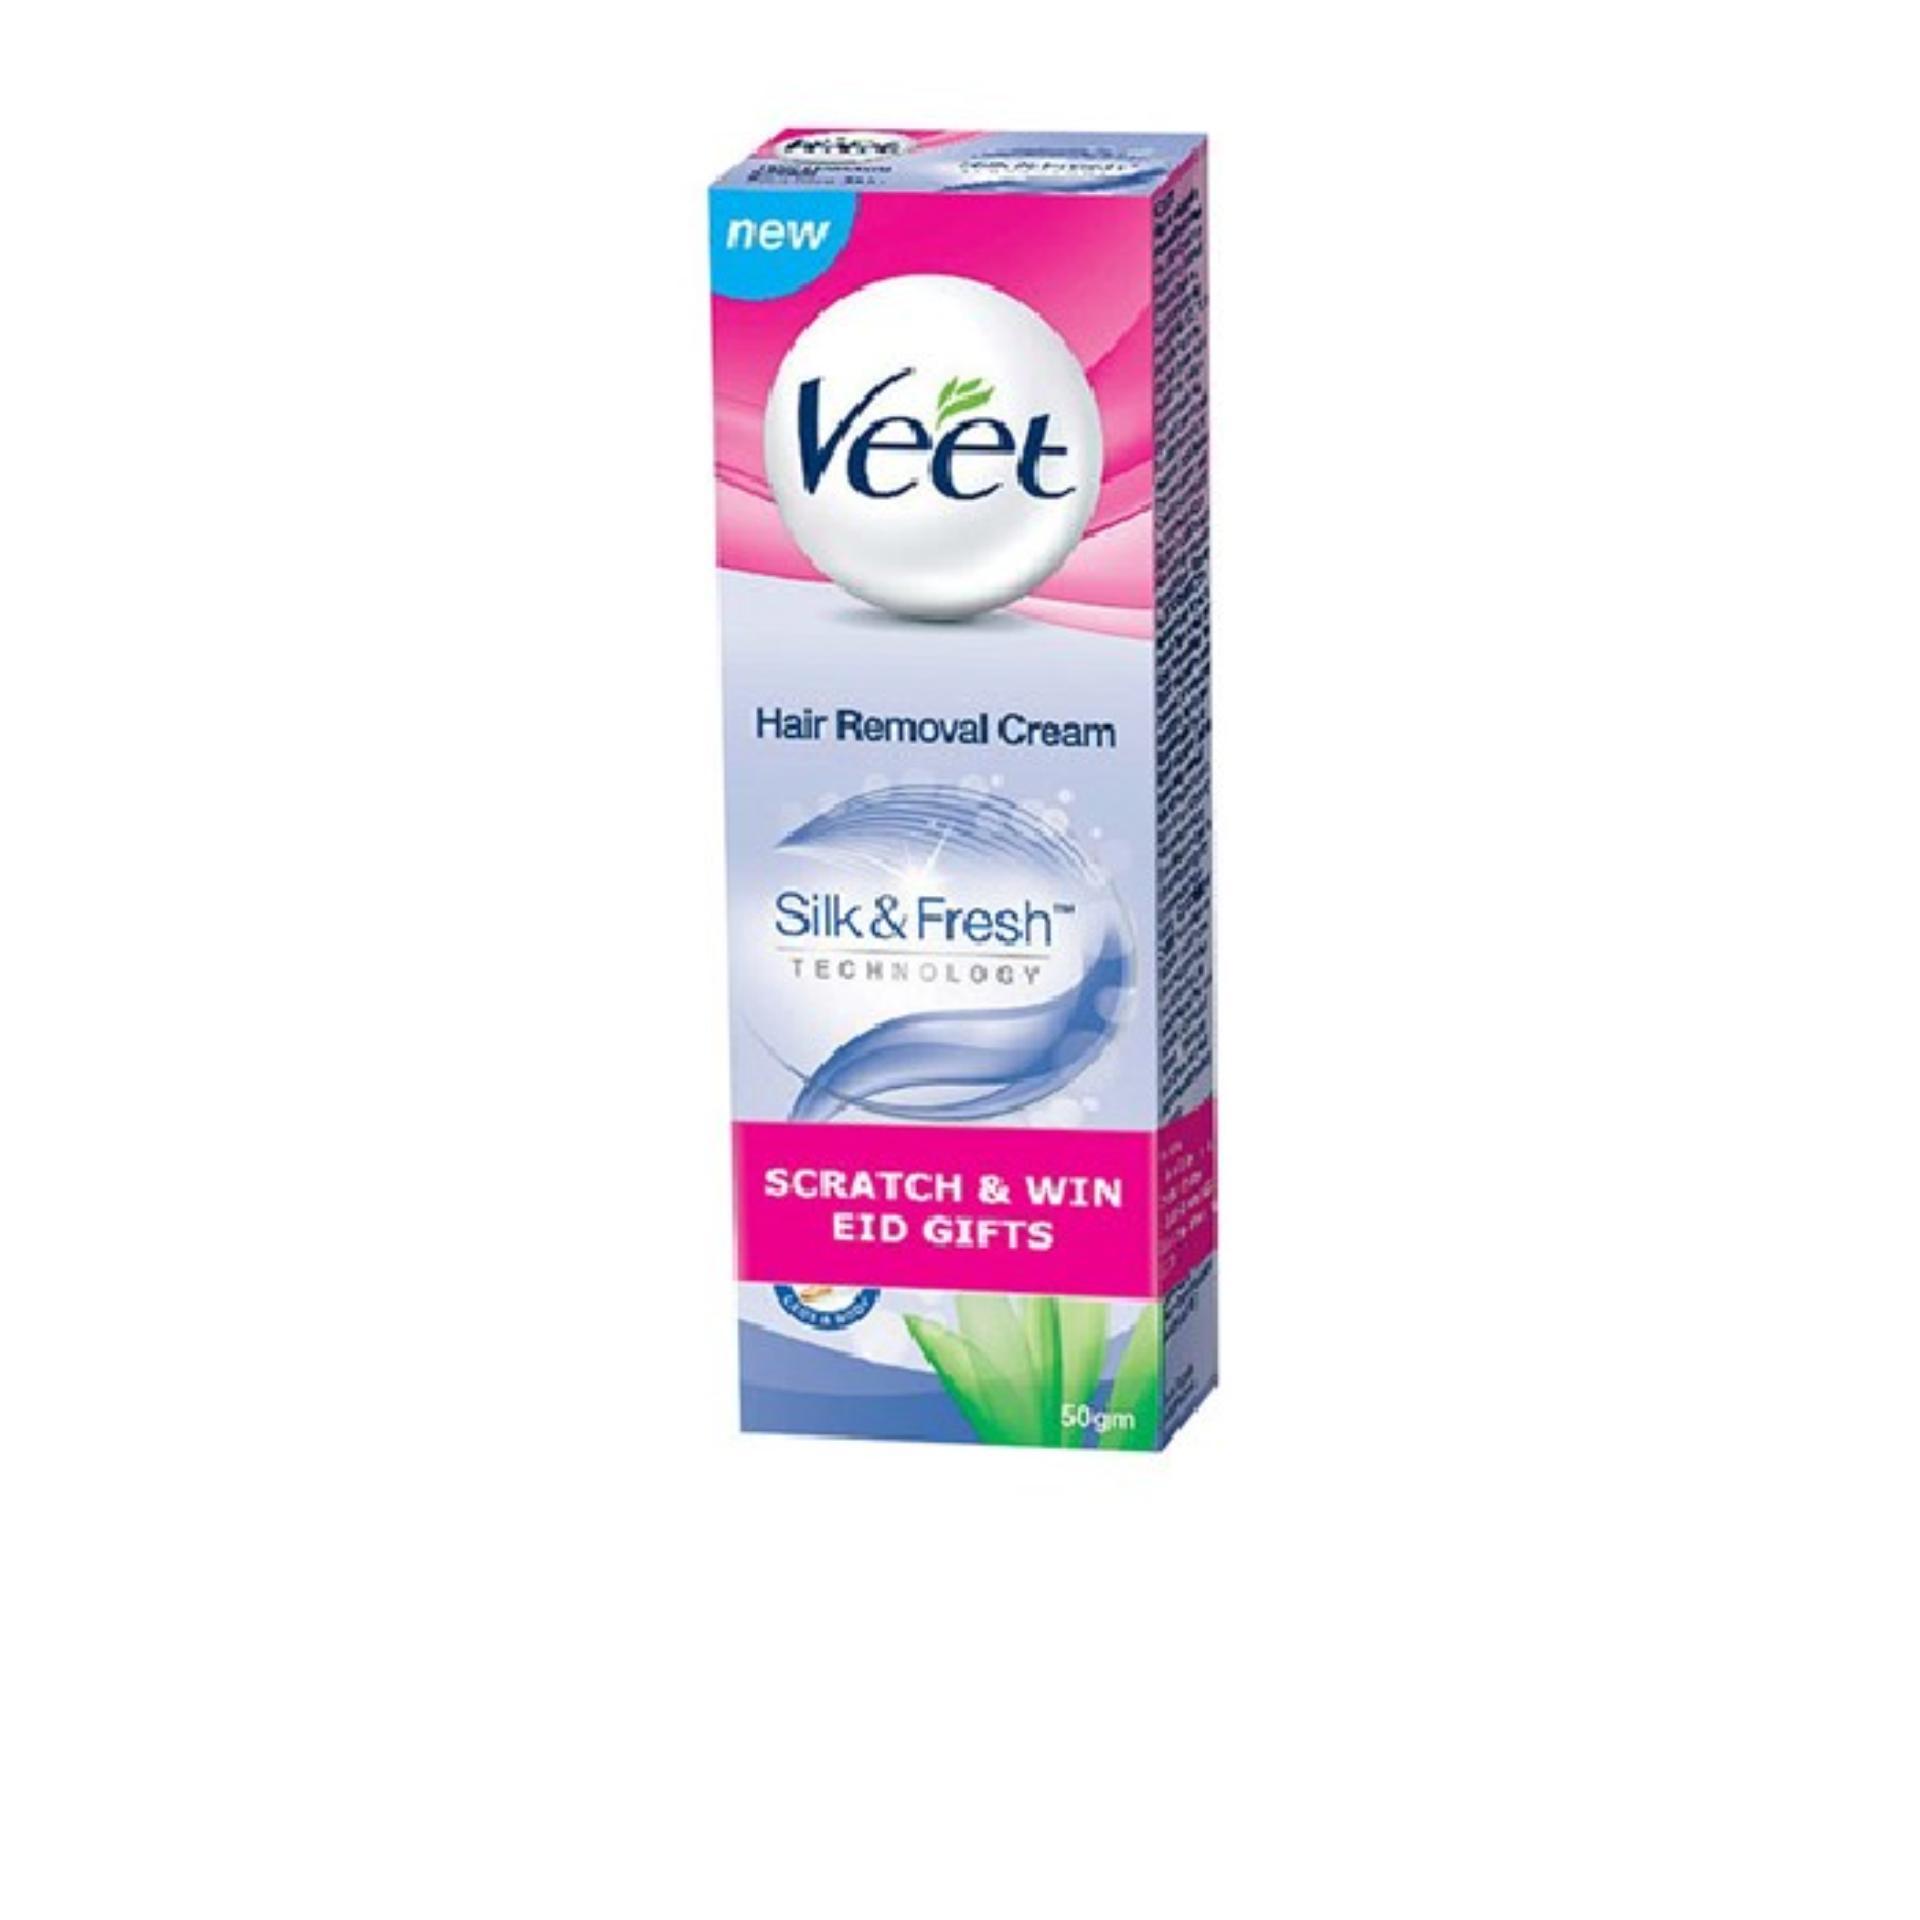 Kem Tẩy Lông Dành cho Da Nhạy Cảm Veet Silk & Fresh Sensitive 50g chính hãng